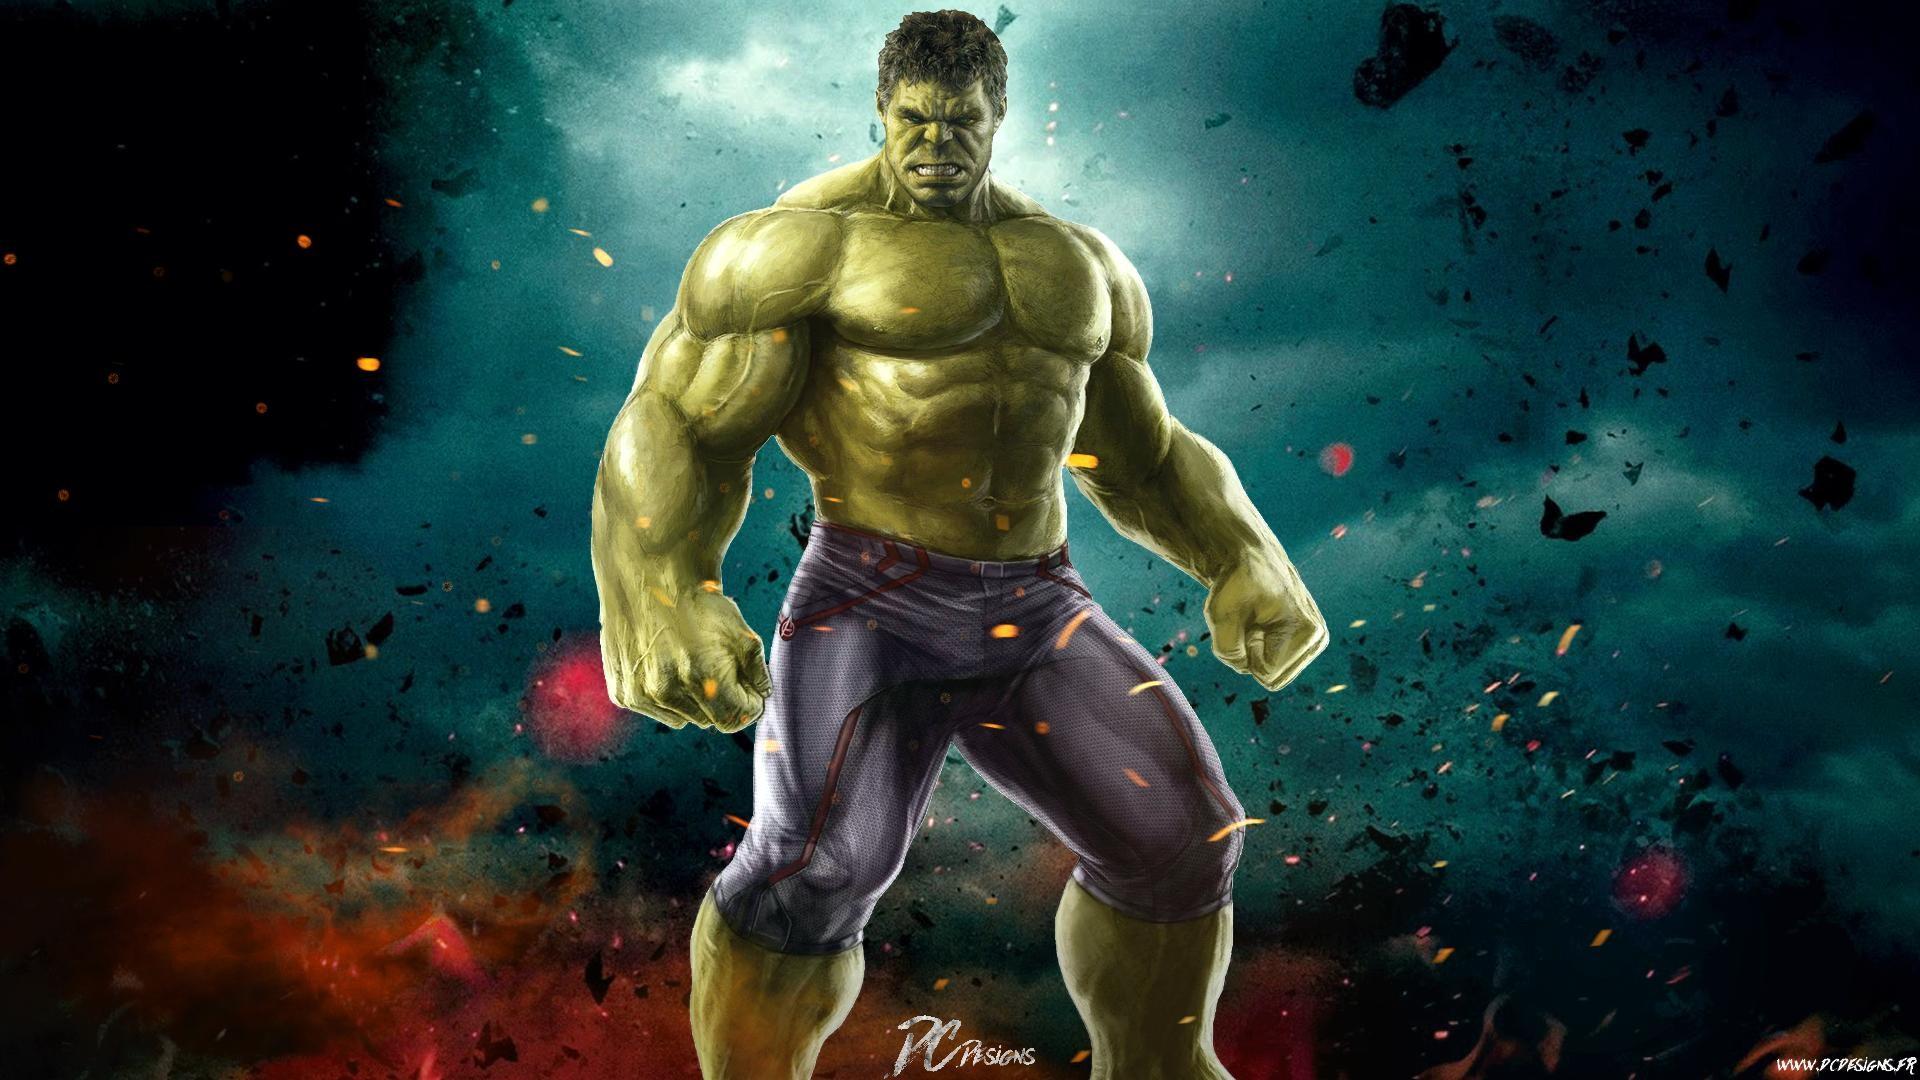 Res: 1920x1080, Red Hulk Wallpaper HD 17 - 1920 X 1080